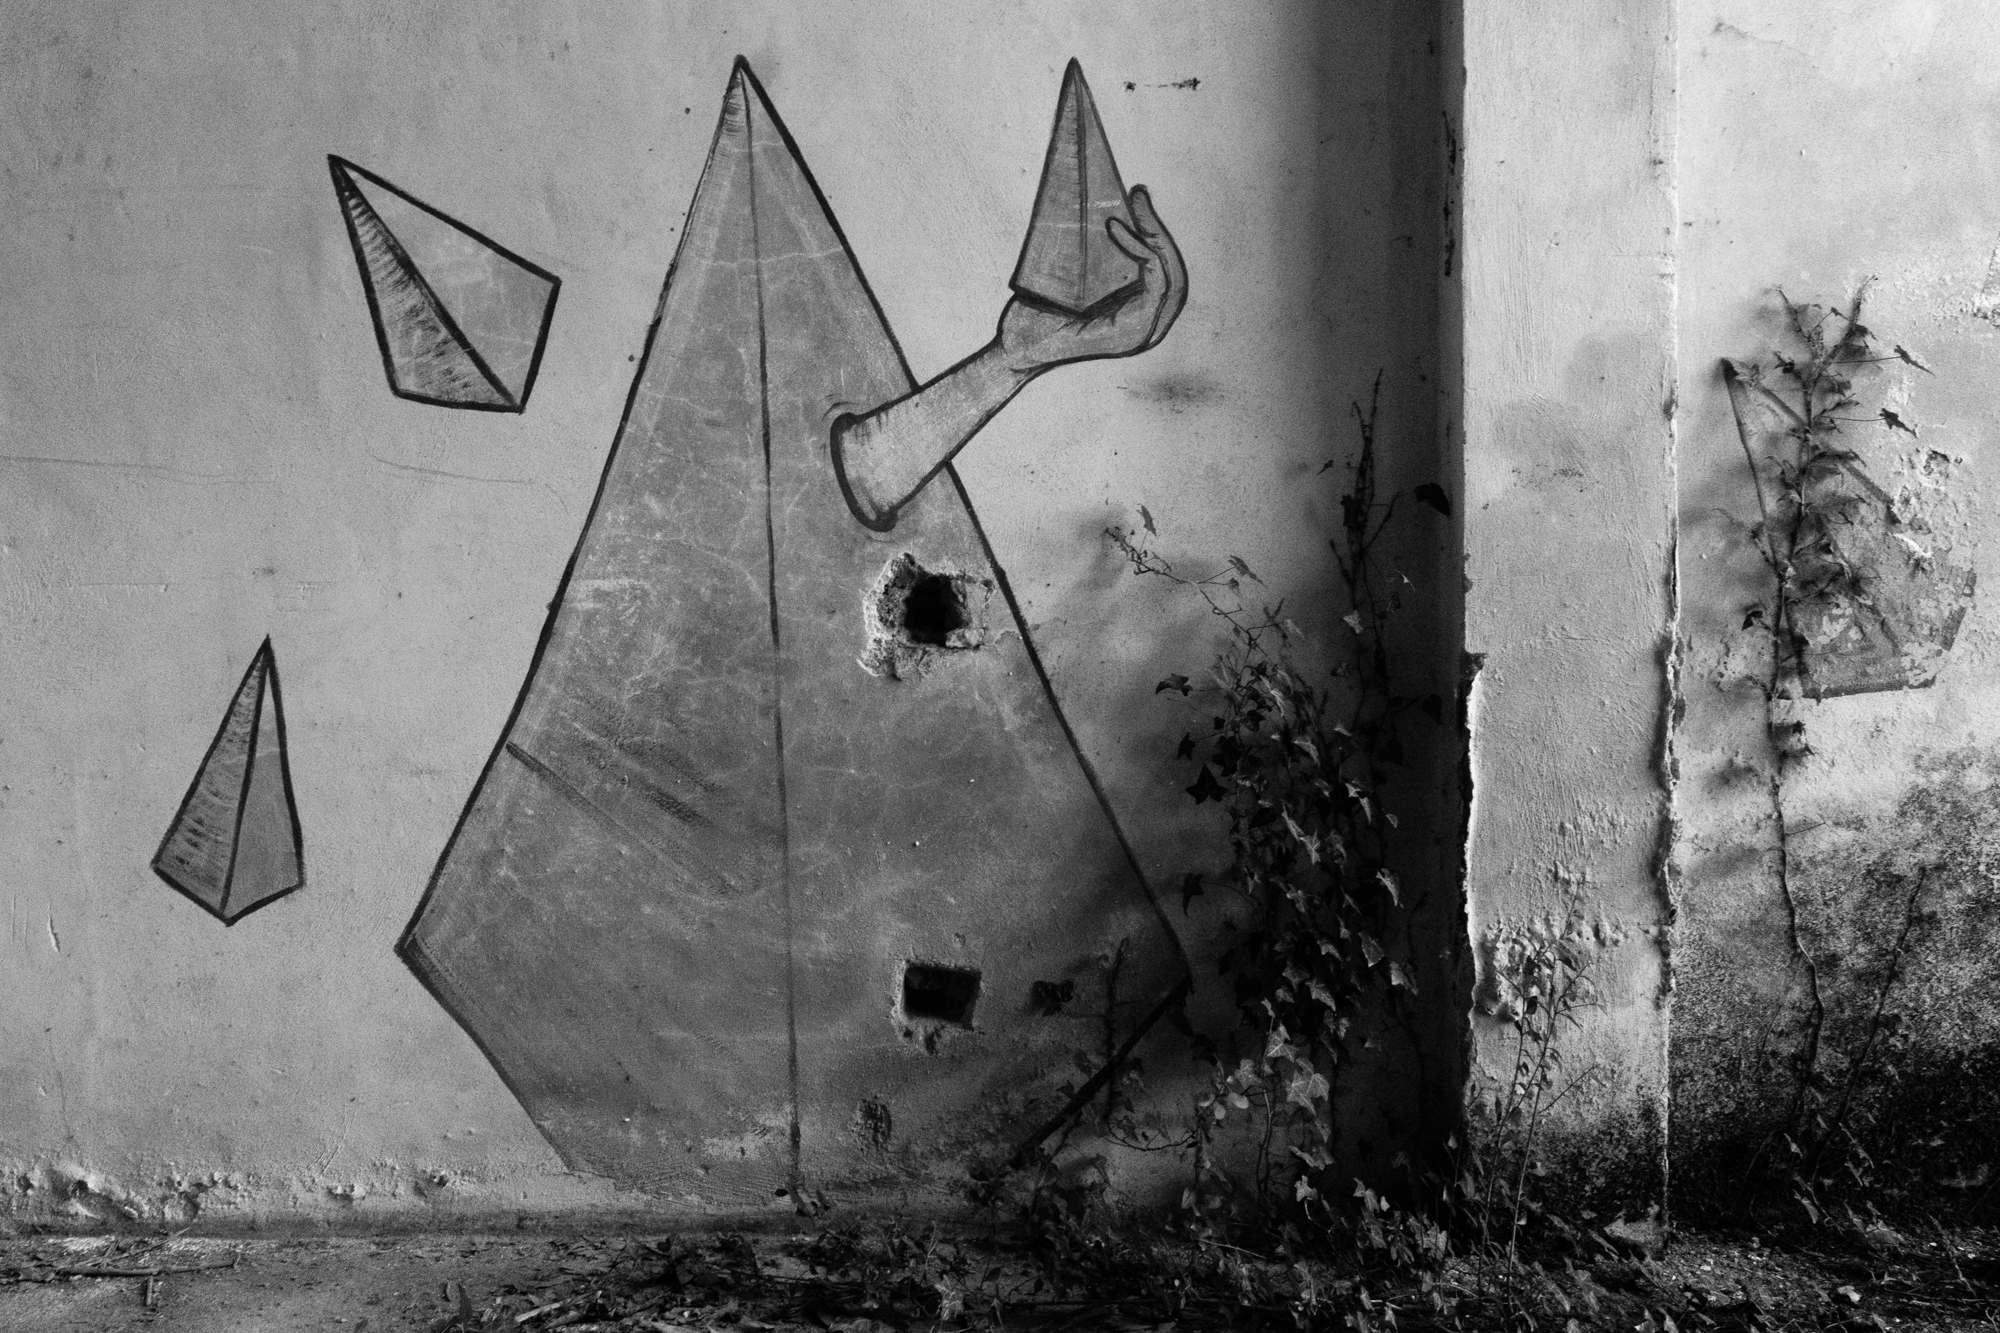 Pyramid graffiti